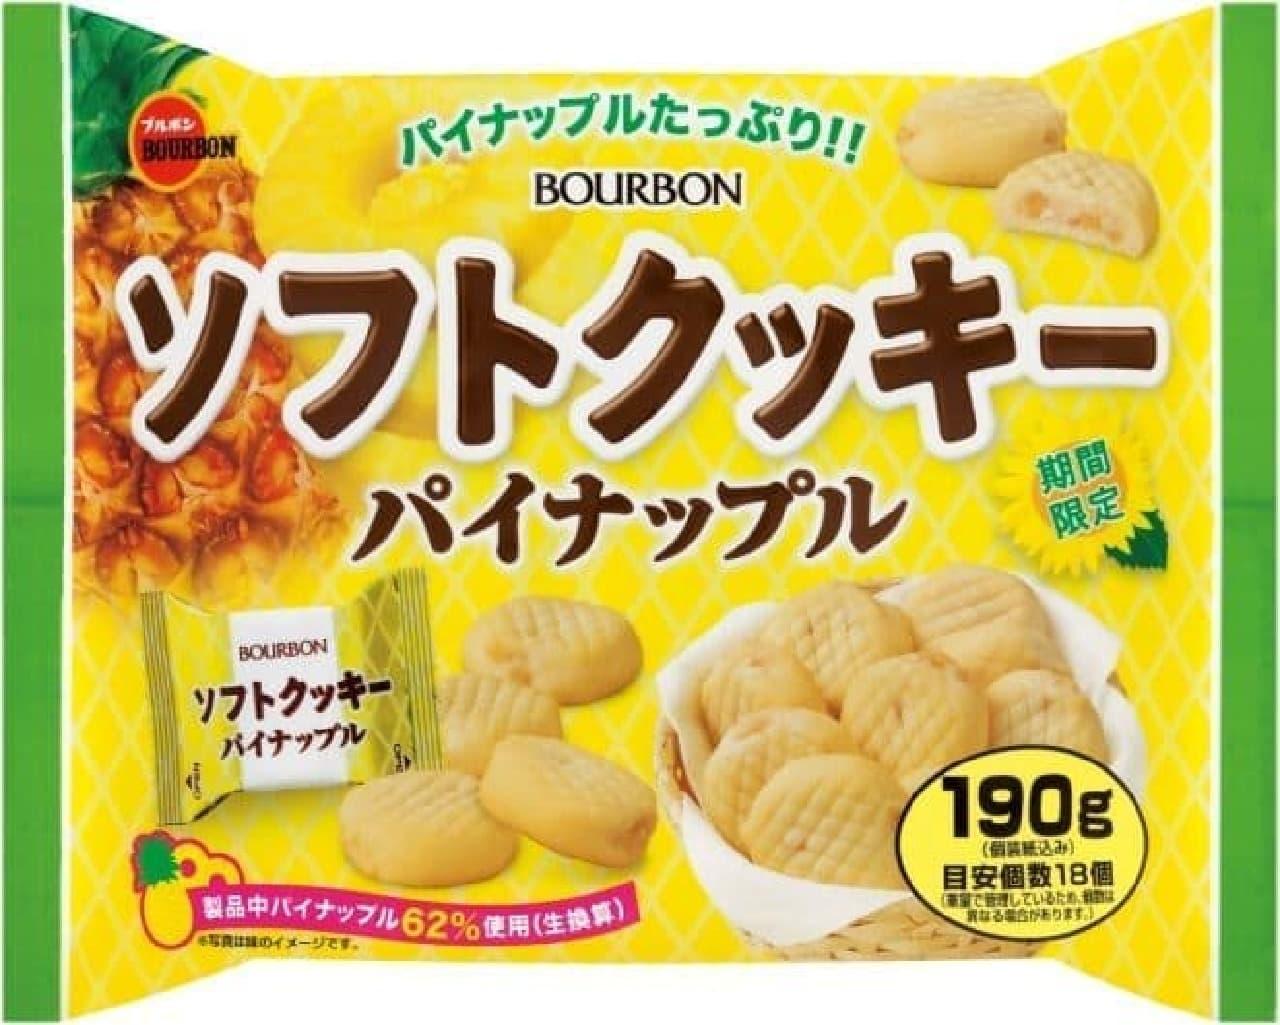 ブルボン「ソフトクッキーパイナップル」